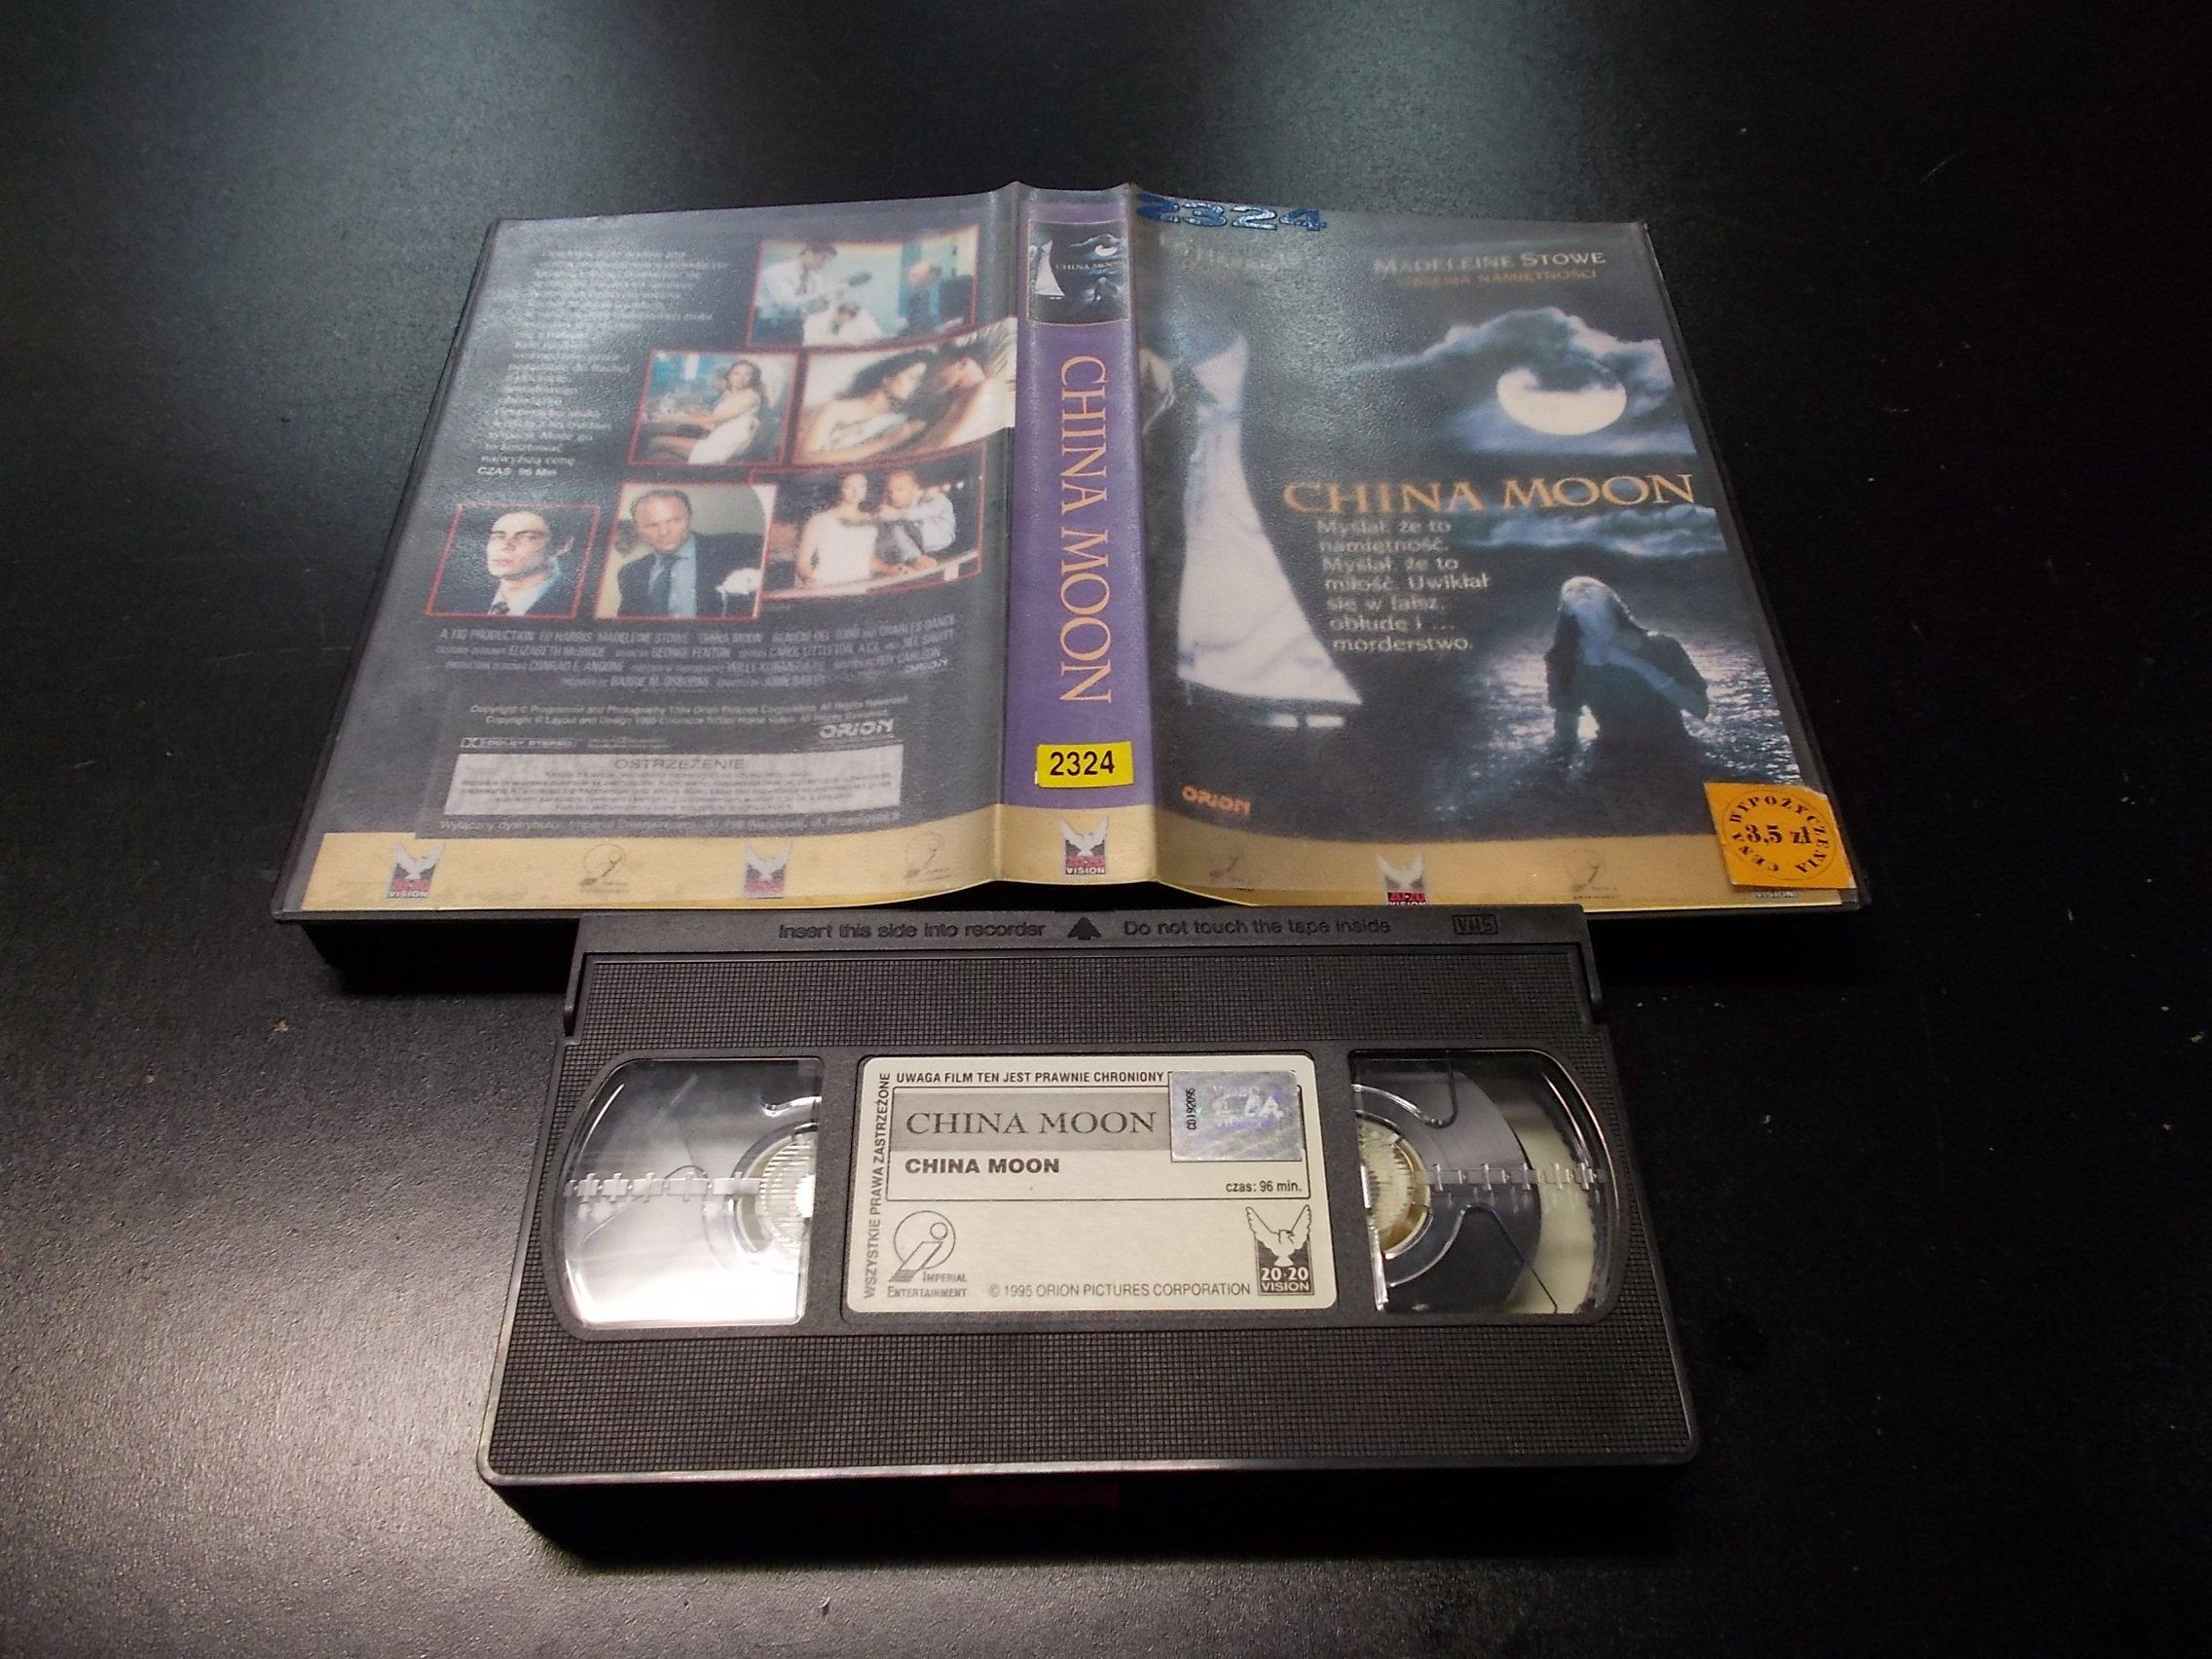 CHINA MOON -  kaseta VHS - 1163 Opole - AlleOpole.pl